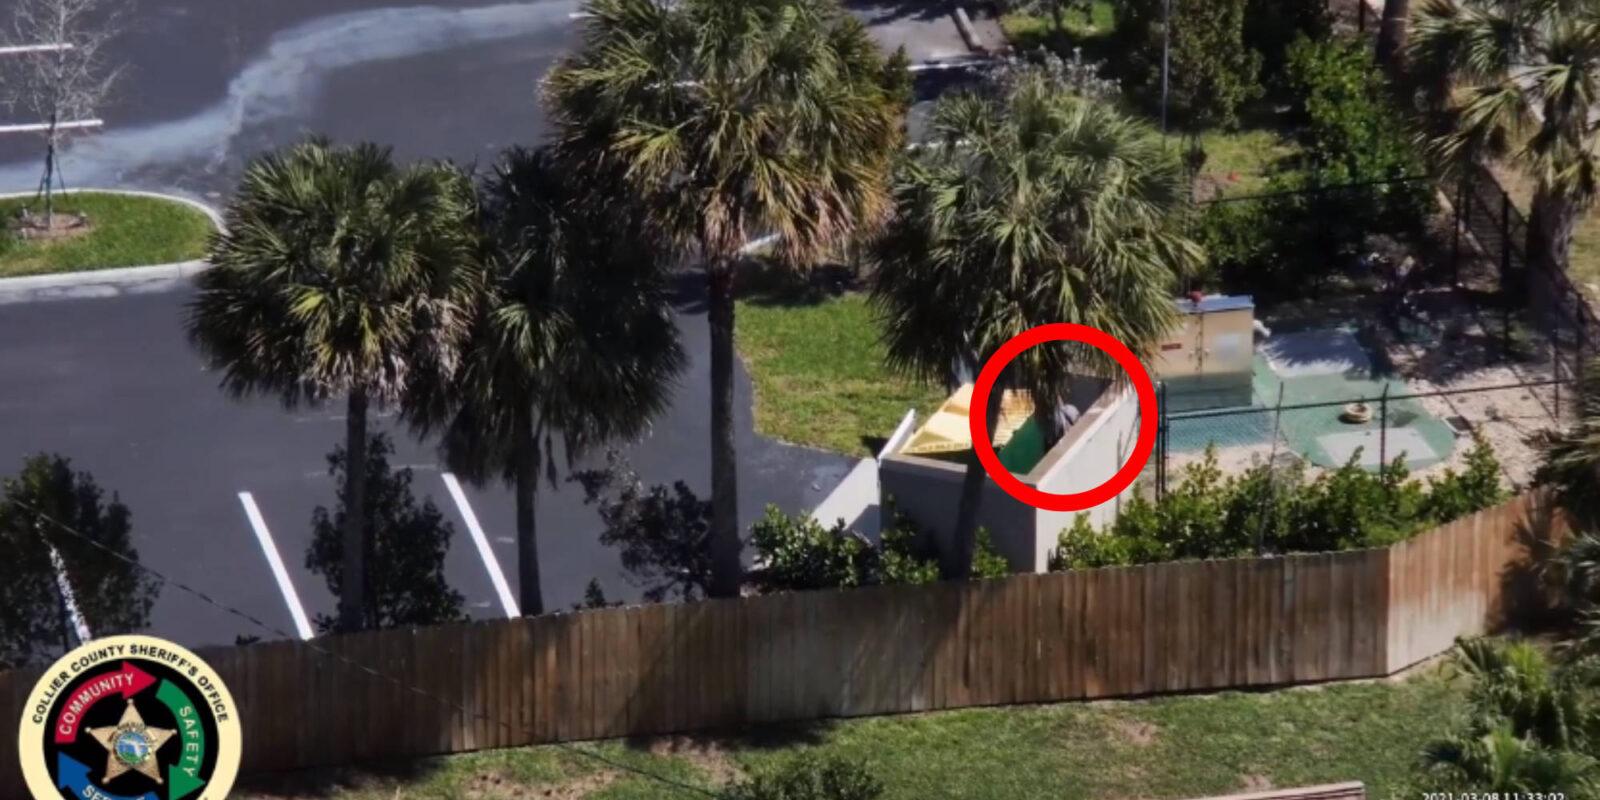 Шериф округа Коллиер во Флориде смог найти подозреваемого с помощью своего дрона